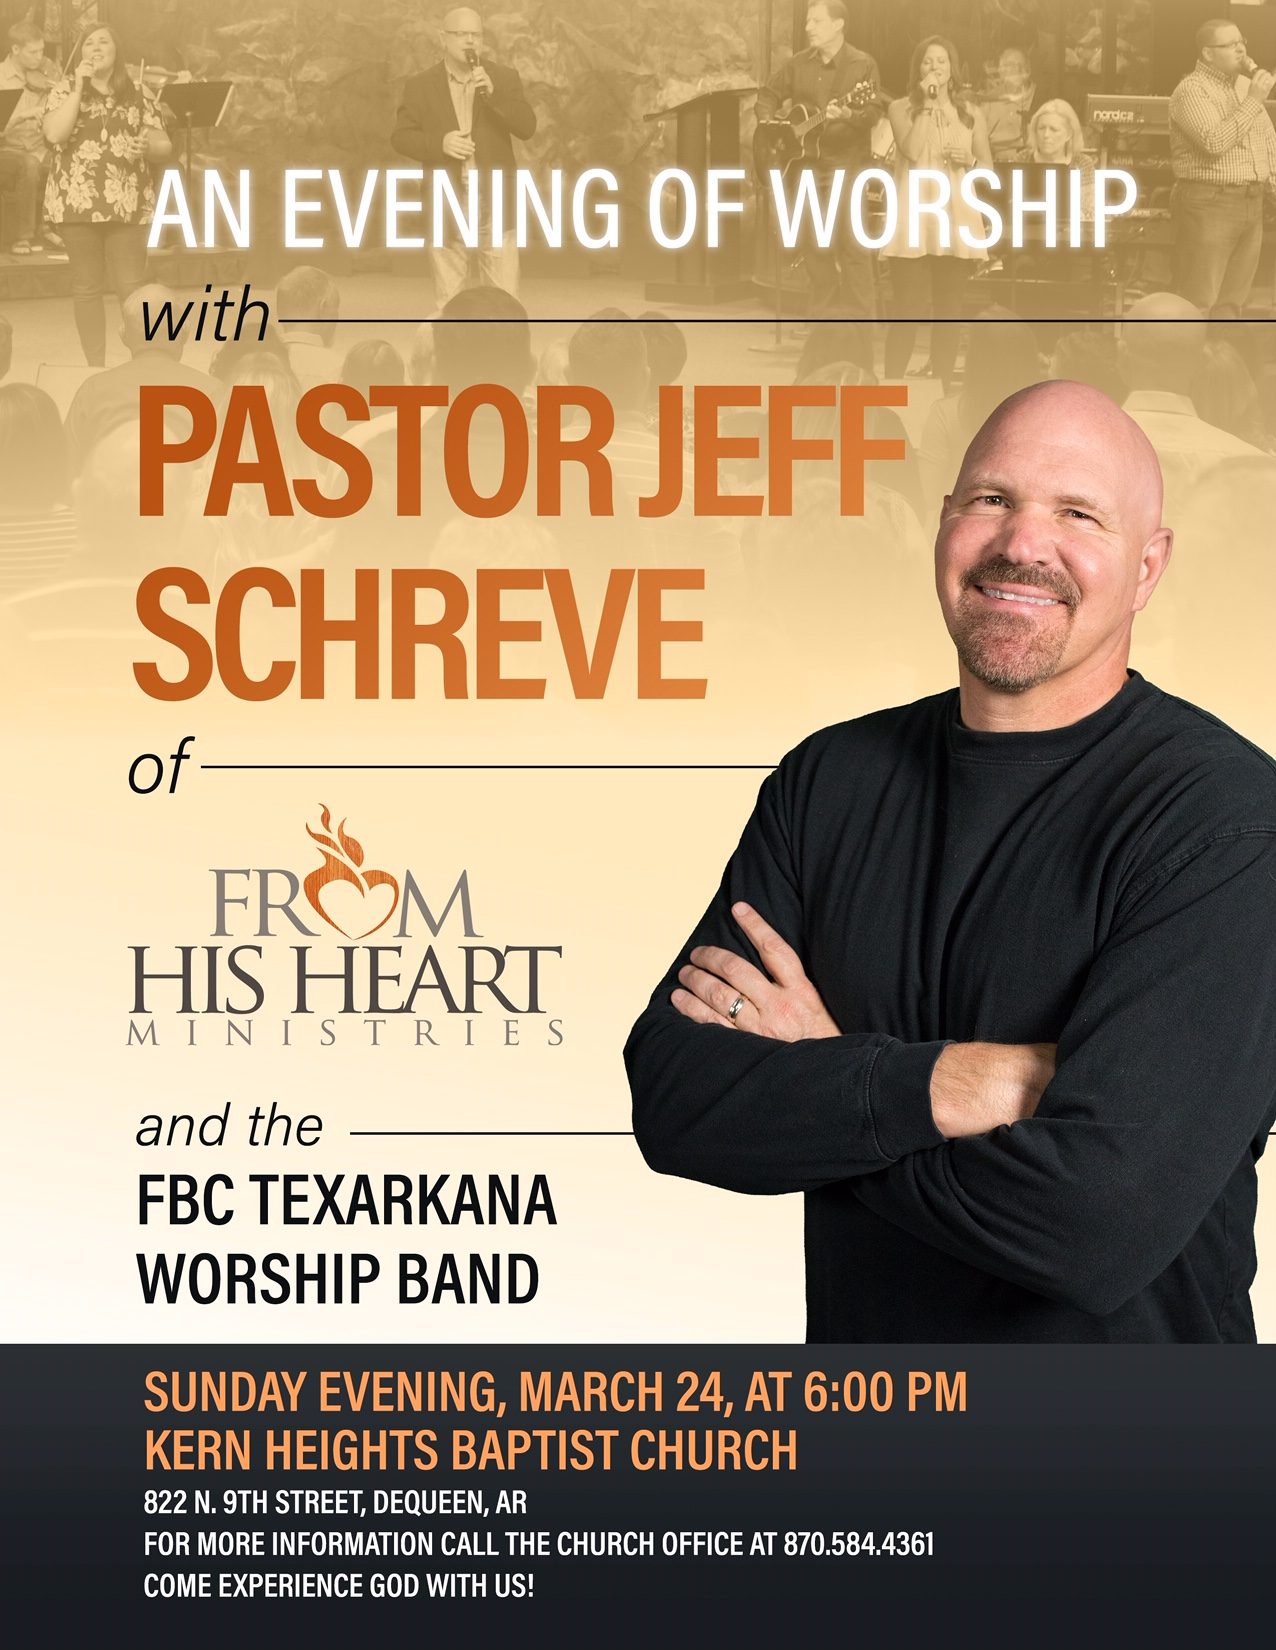 March 24 Jeff Schreve flyer.jpg